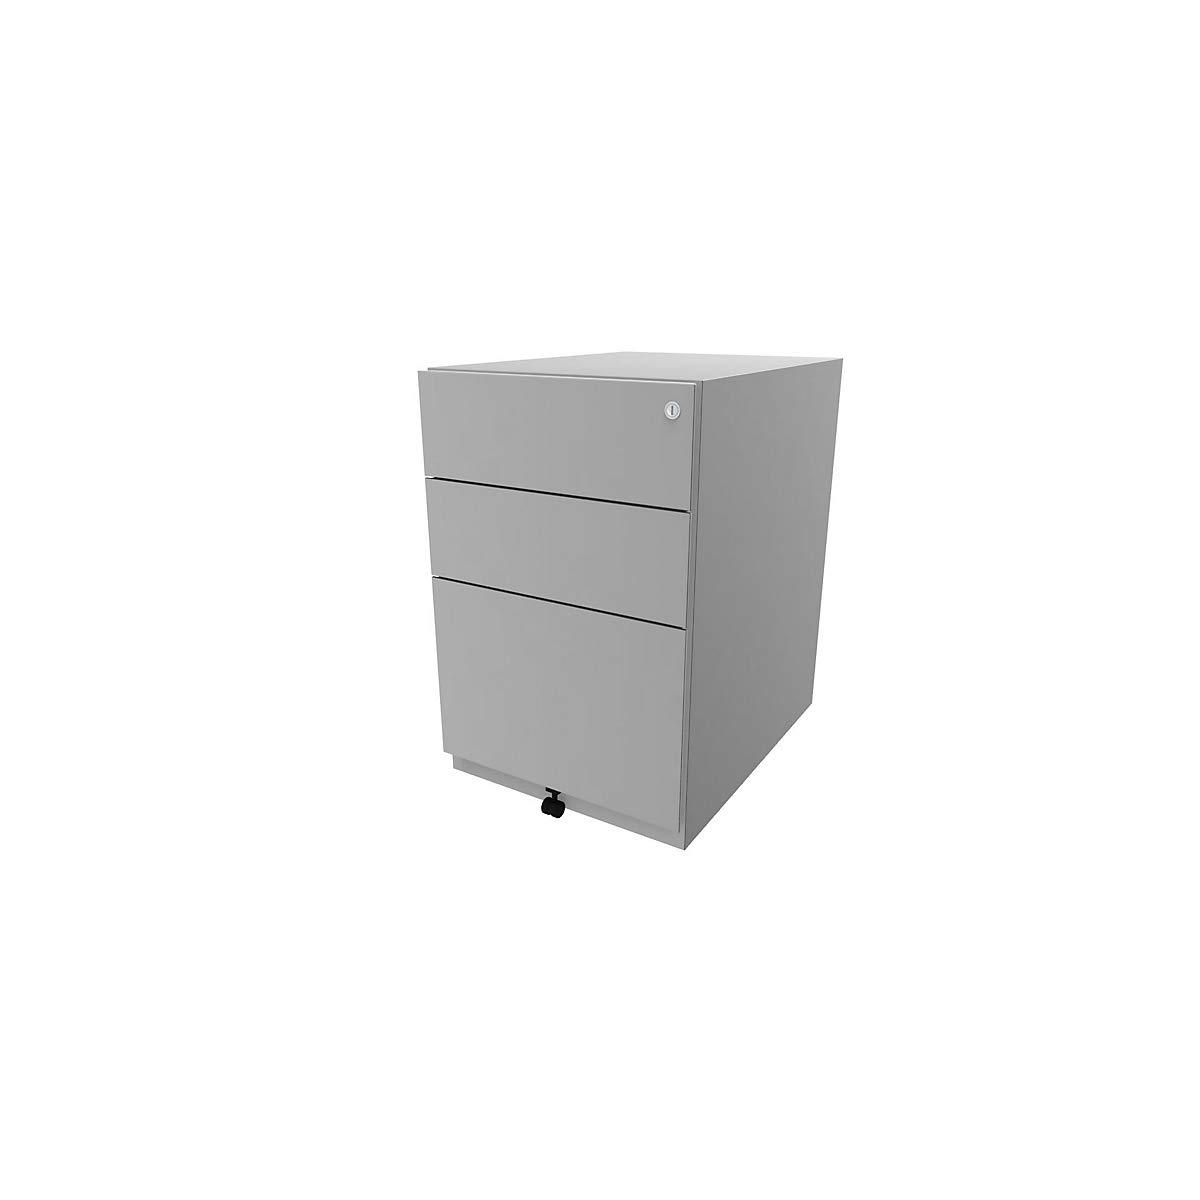 1 HR-Schublade inkl Rolle 5 2 Universalschubladen HxBxT 645x420x565 mm NWA52M7SSF604 Rollcontainer f/ür B/üro Beistellschrank Bisley Rollcontainer Note/™